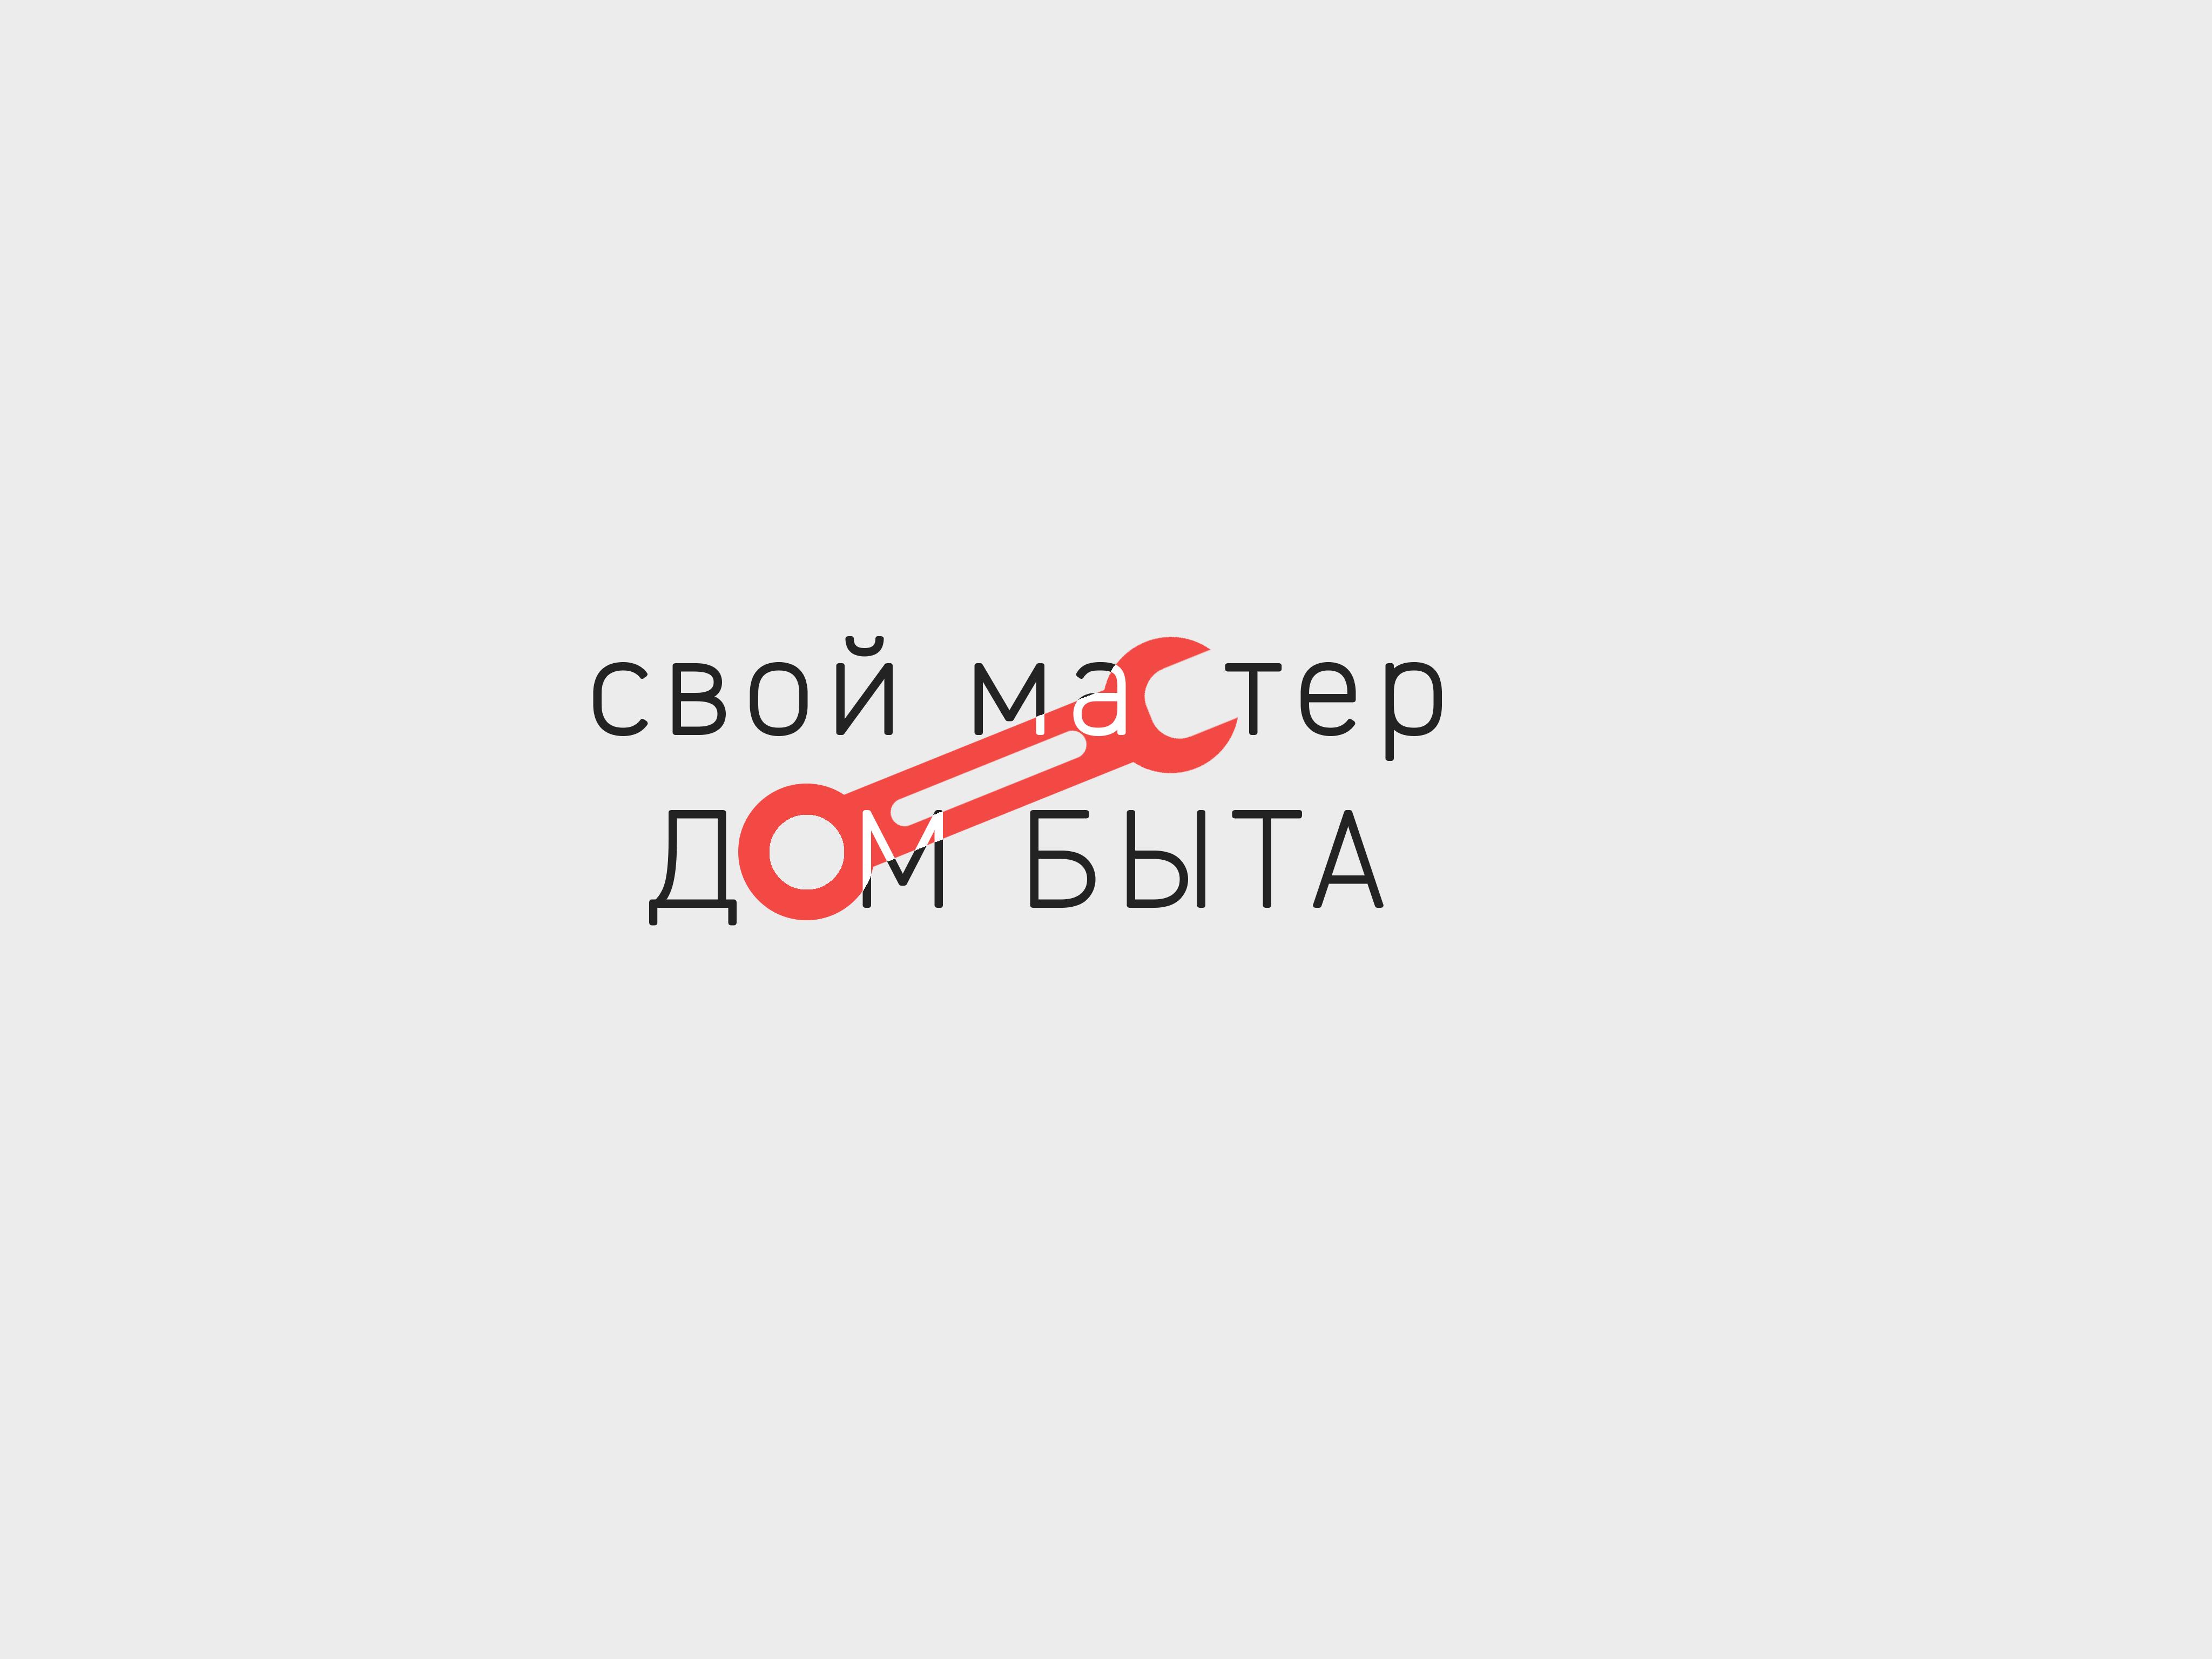 Логотип для сетевого ДОМ БЫТА фото f_0485d764fe0d6527.png